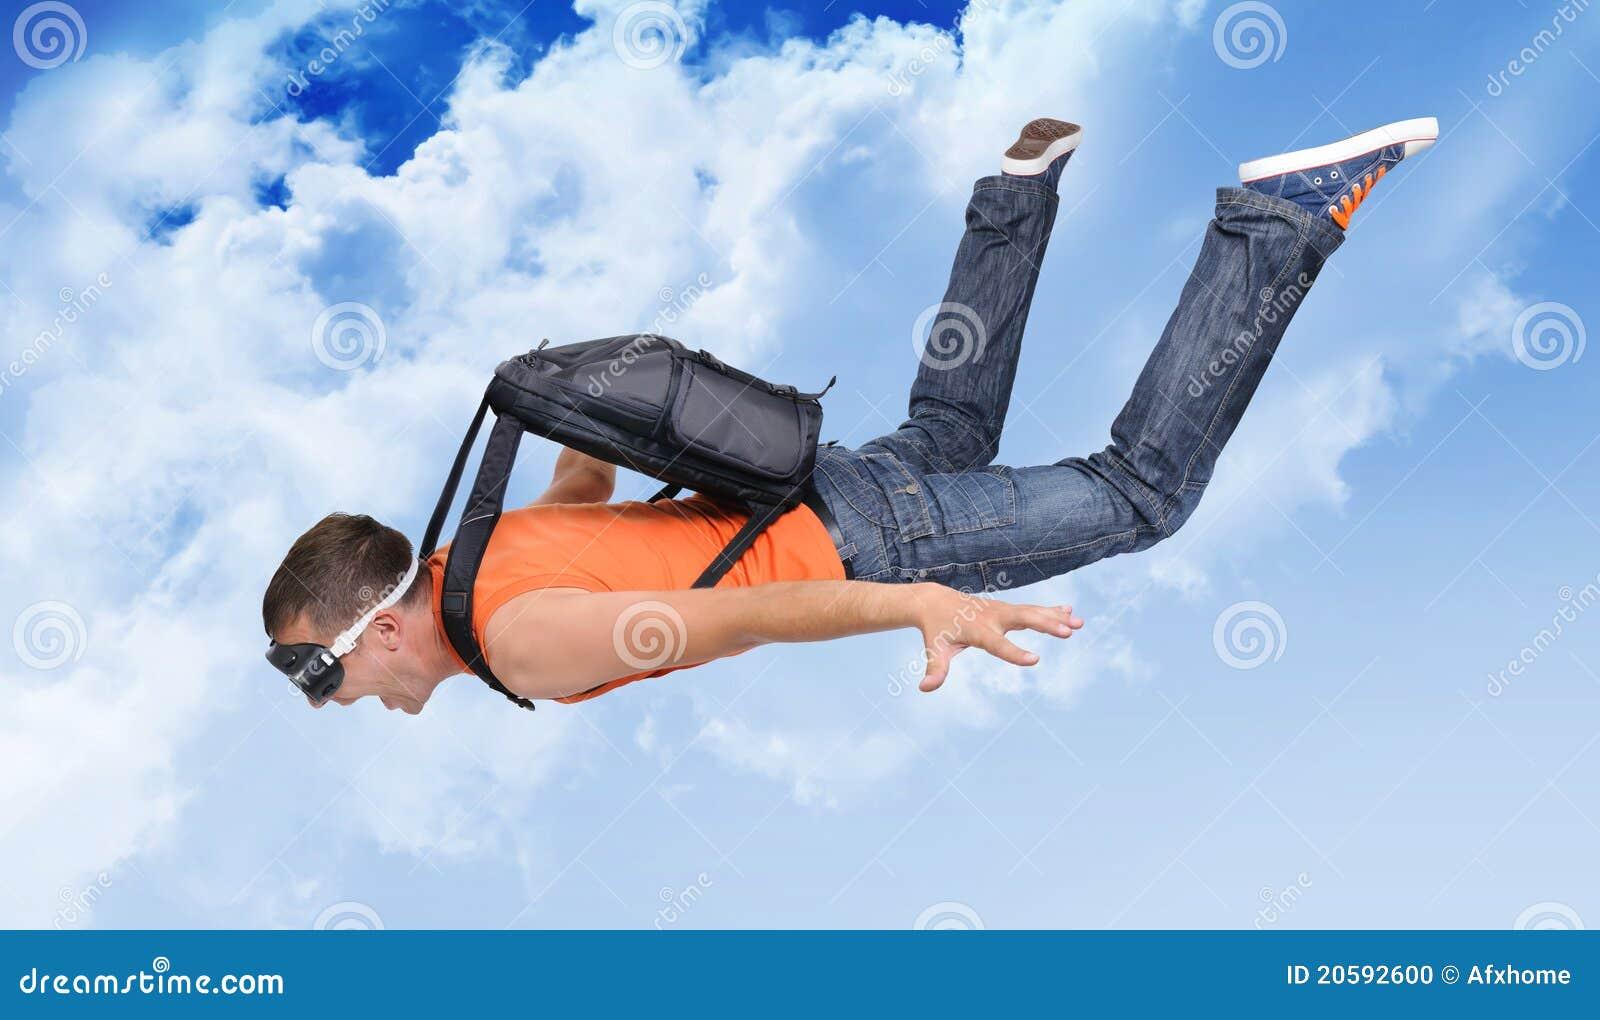 man flight